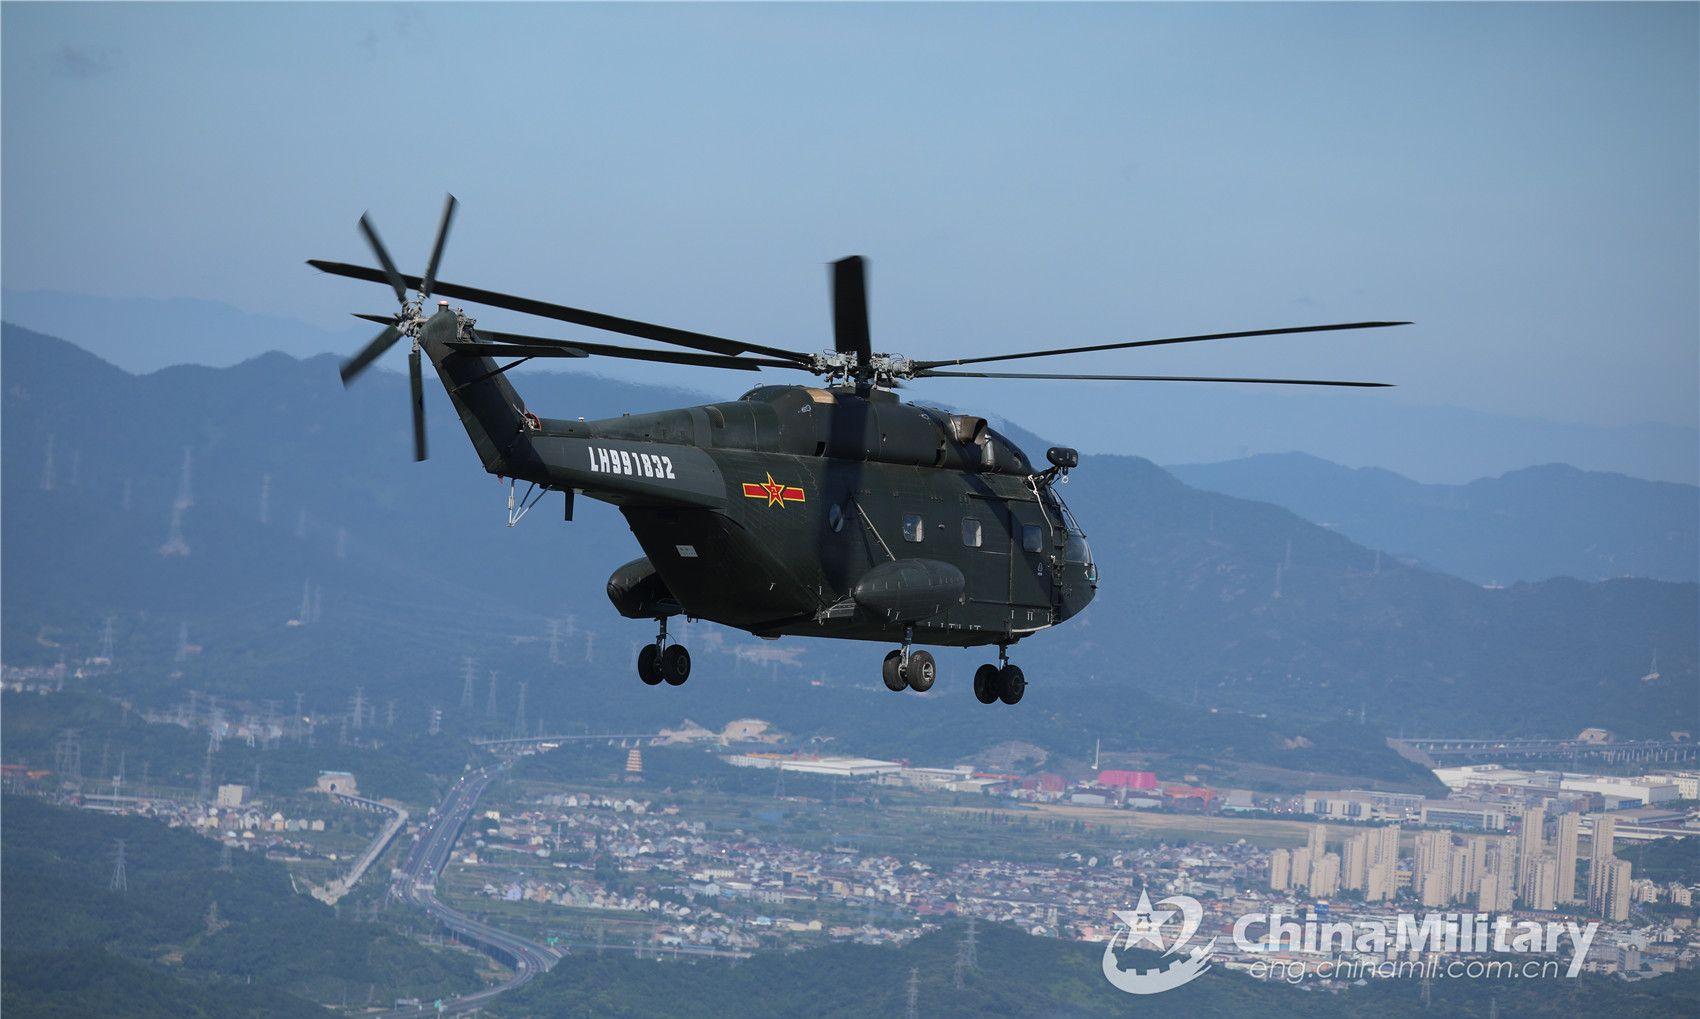 第71集团军空军某陆航旅直升机进行运输训练